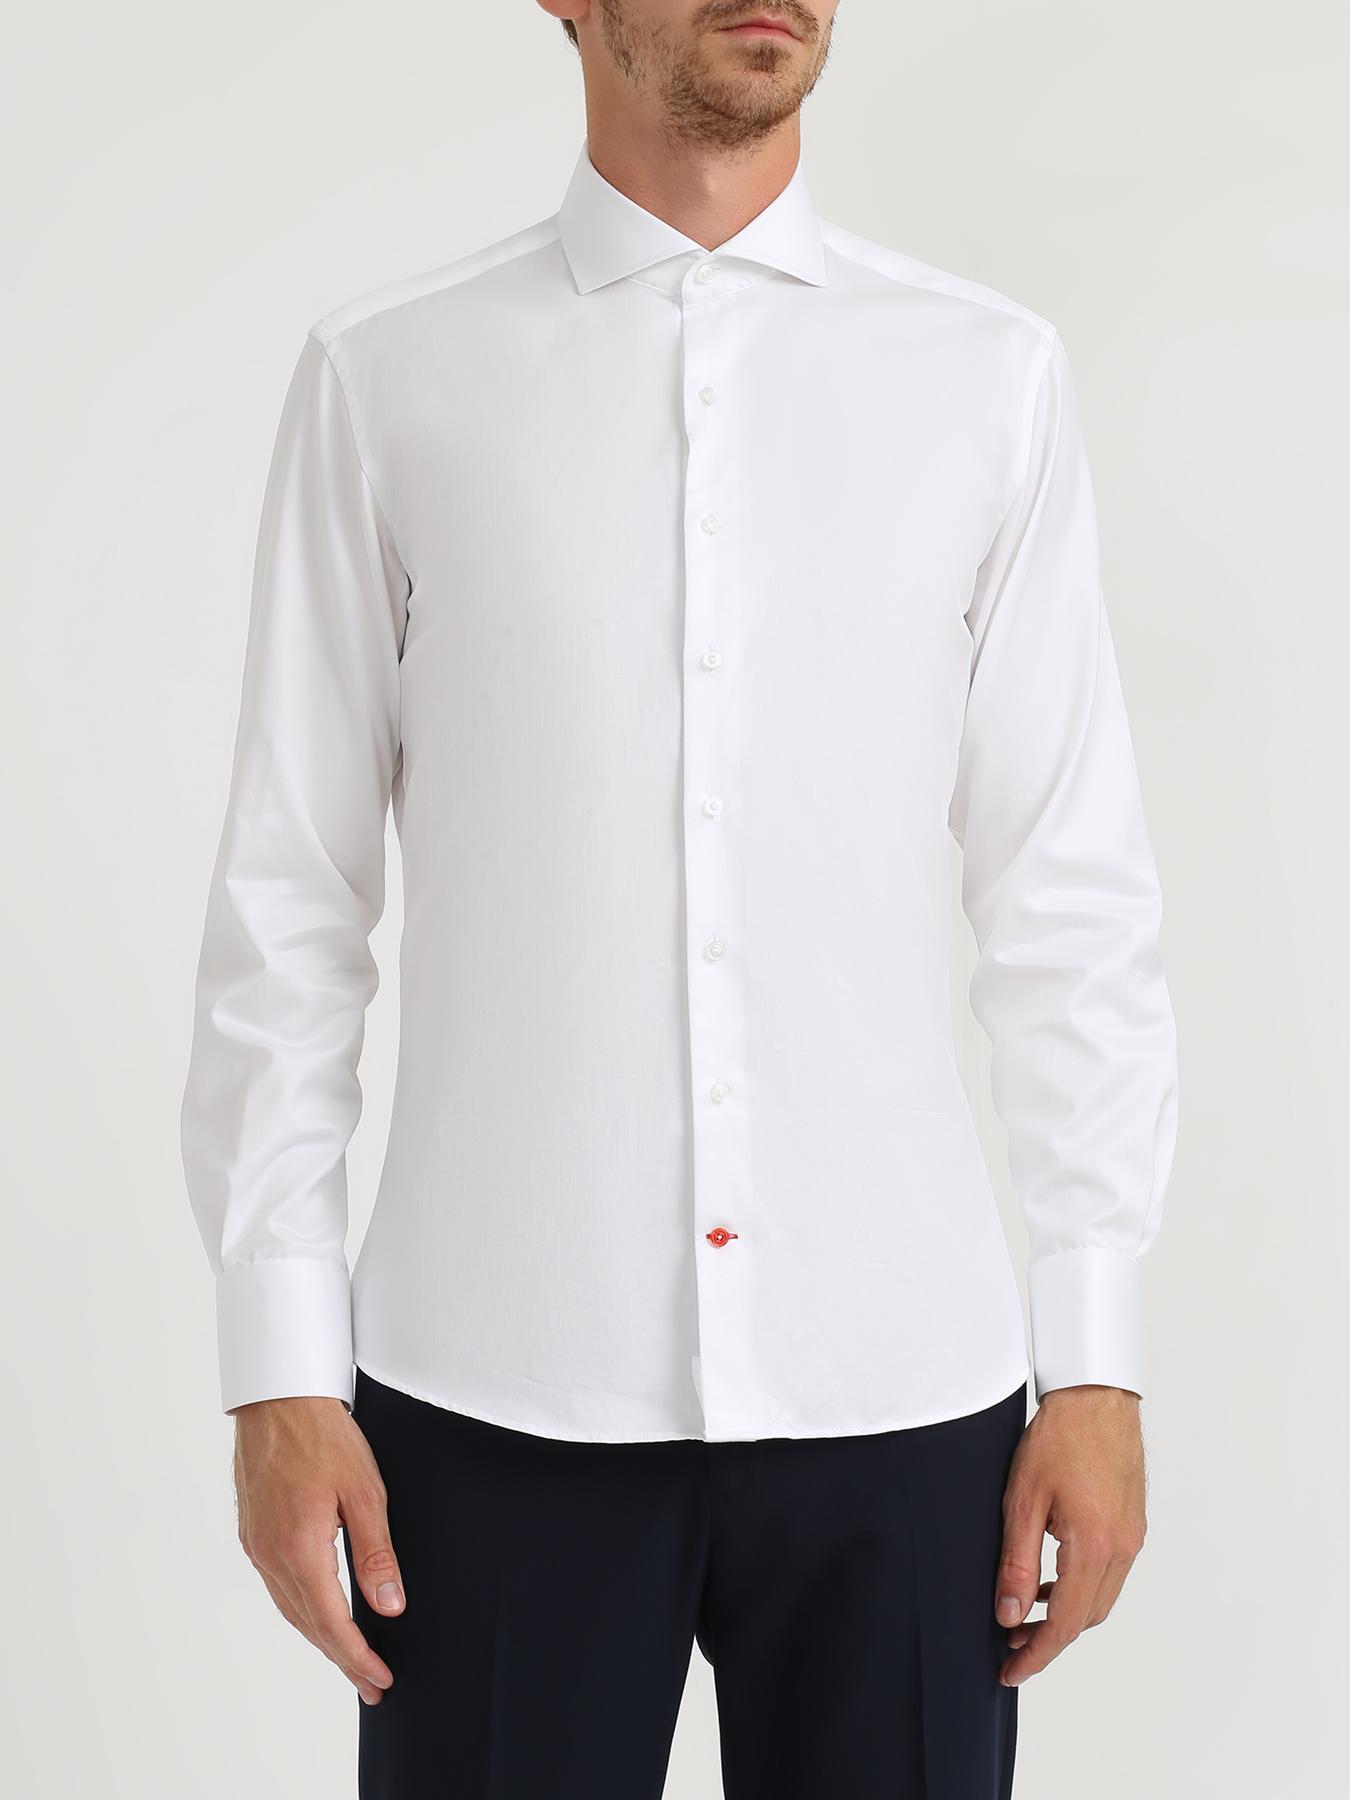 Рубашки Alessandro Manzoni Хлопковая рубашка с длинным рукавом рубашка alessandro manzoni хлопковая рубашка с длинным рукавом